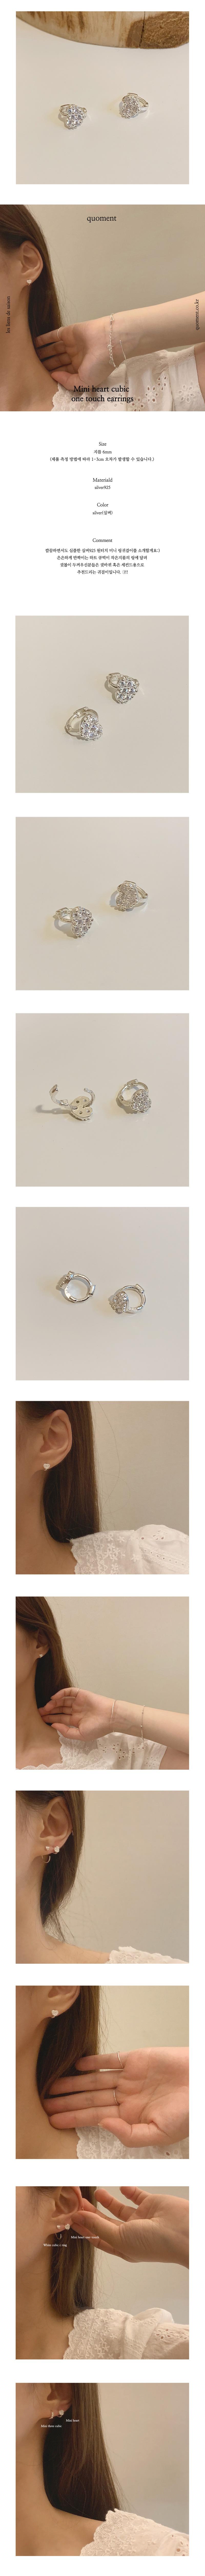 925실버 하트원터치 귓바퀴 미니 링 귀걸이 - 쿼먼트, 14,900원, 실버, 링귀걸이